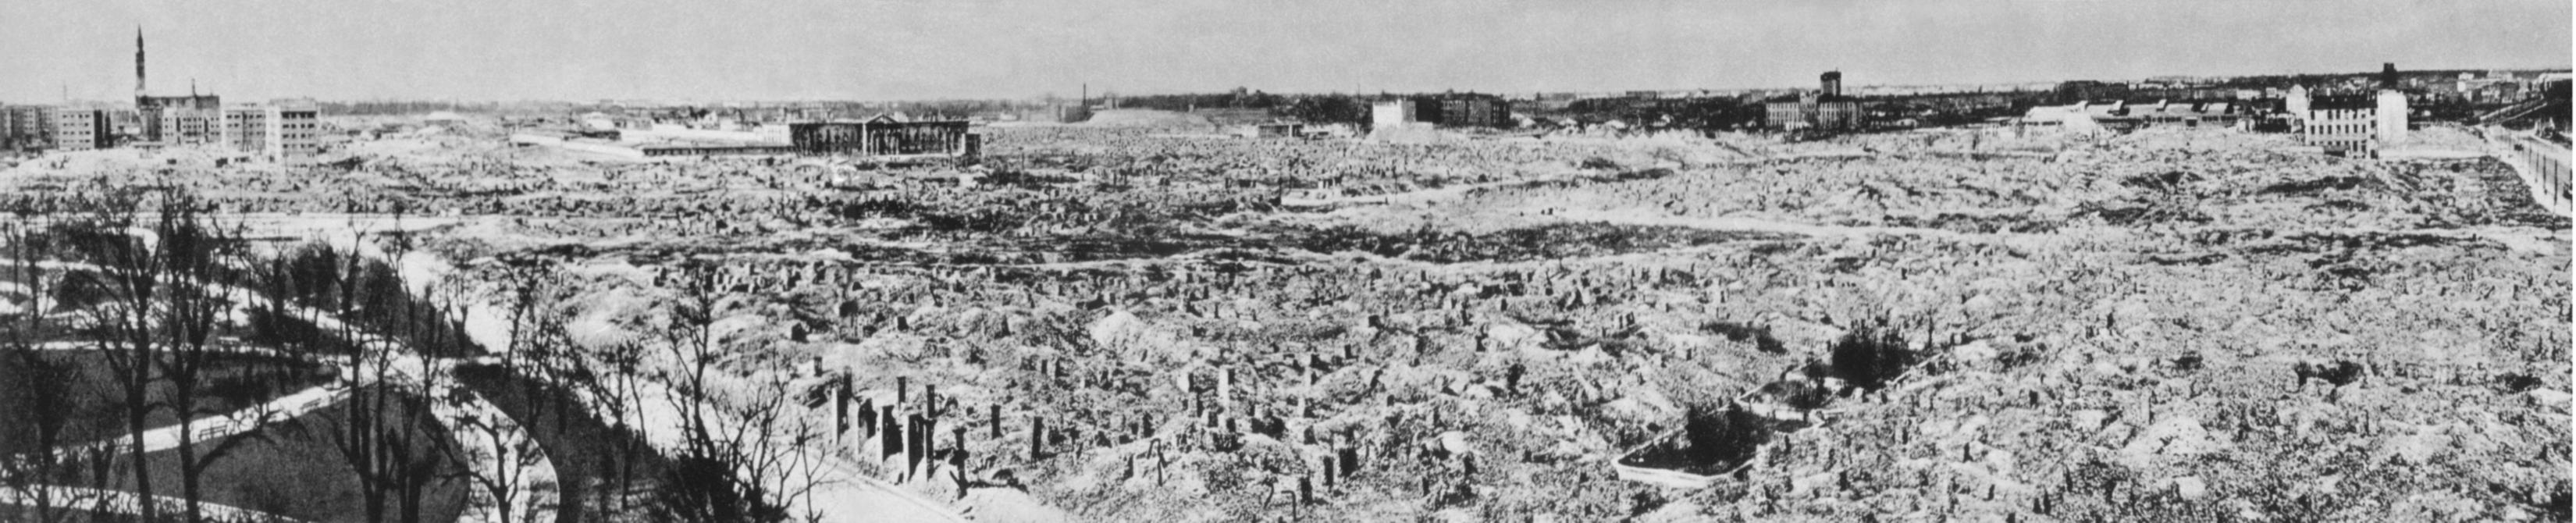 Warsaw Ghetto - Wikipedia